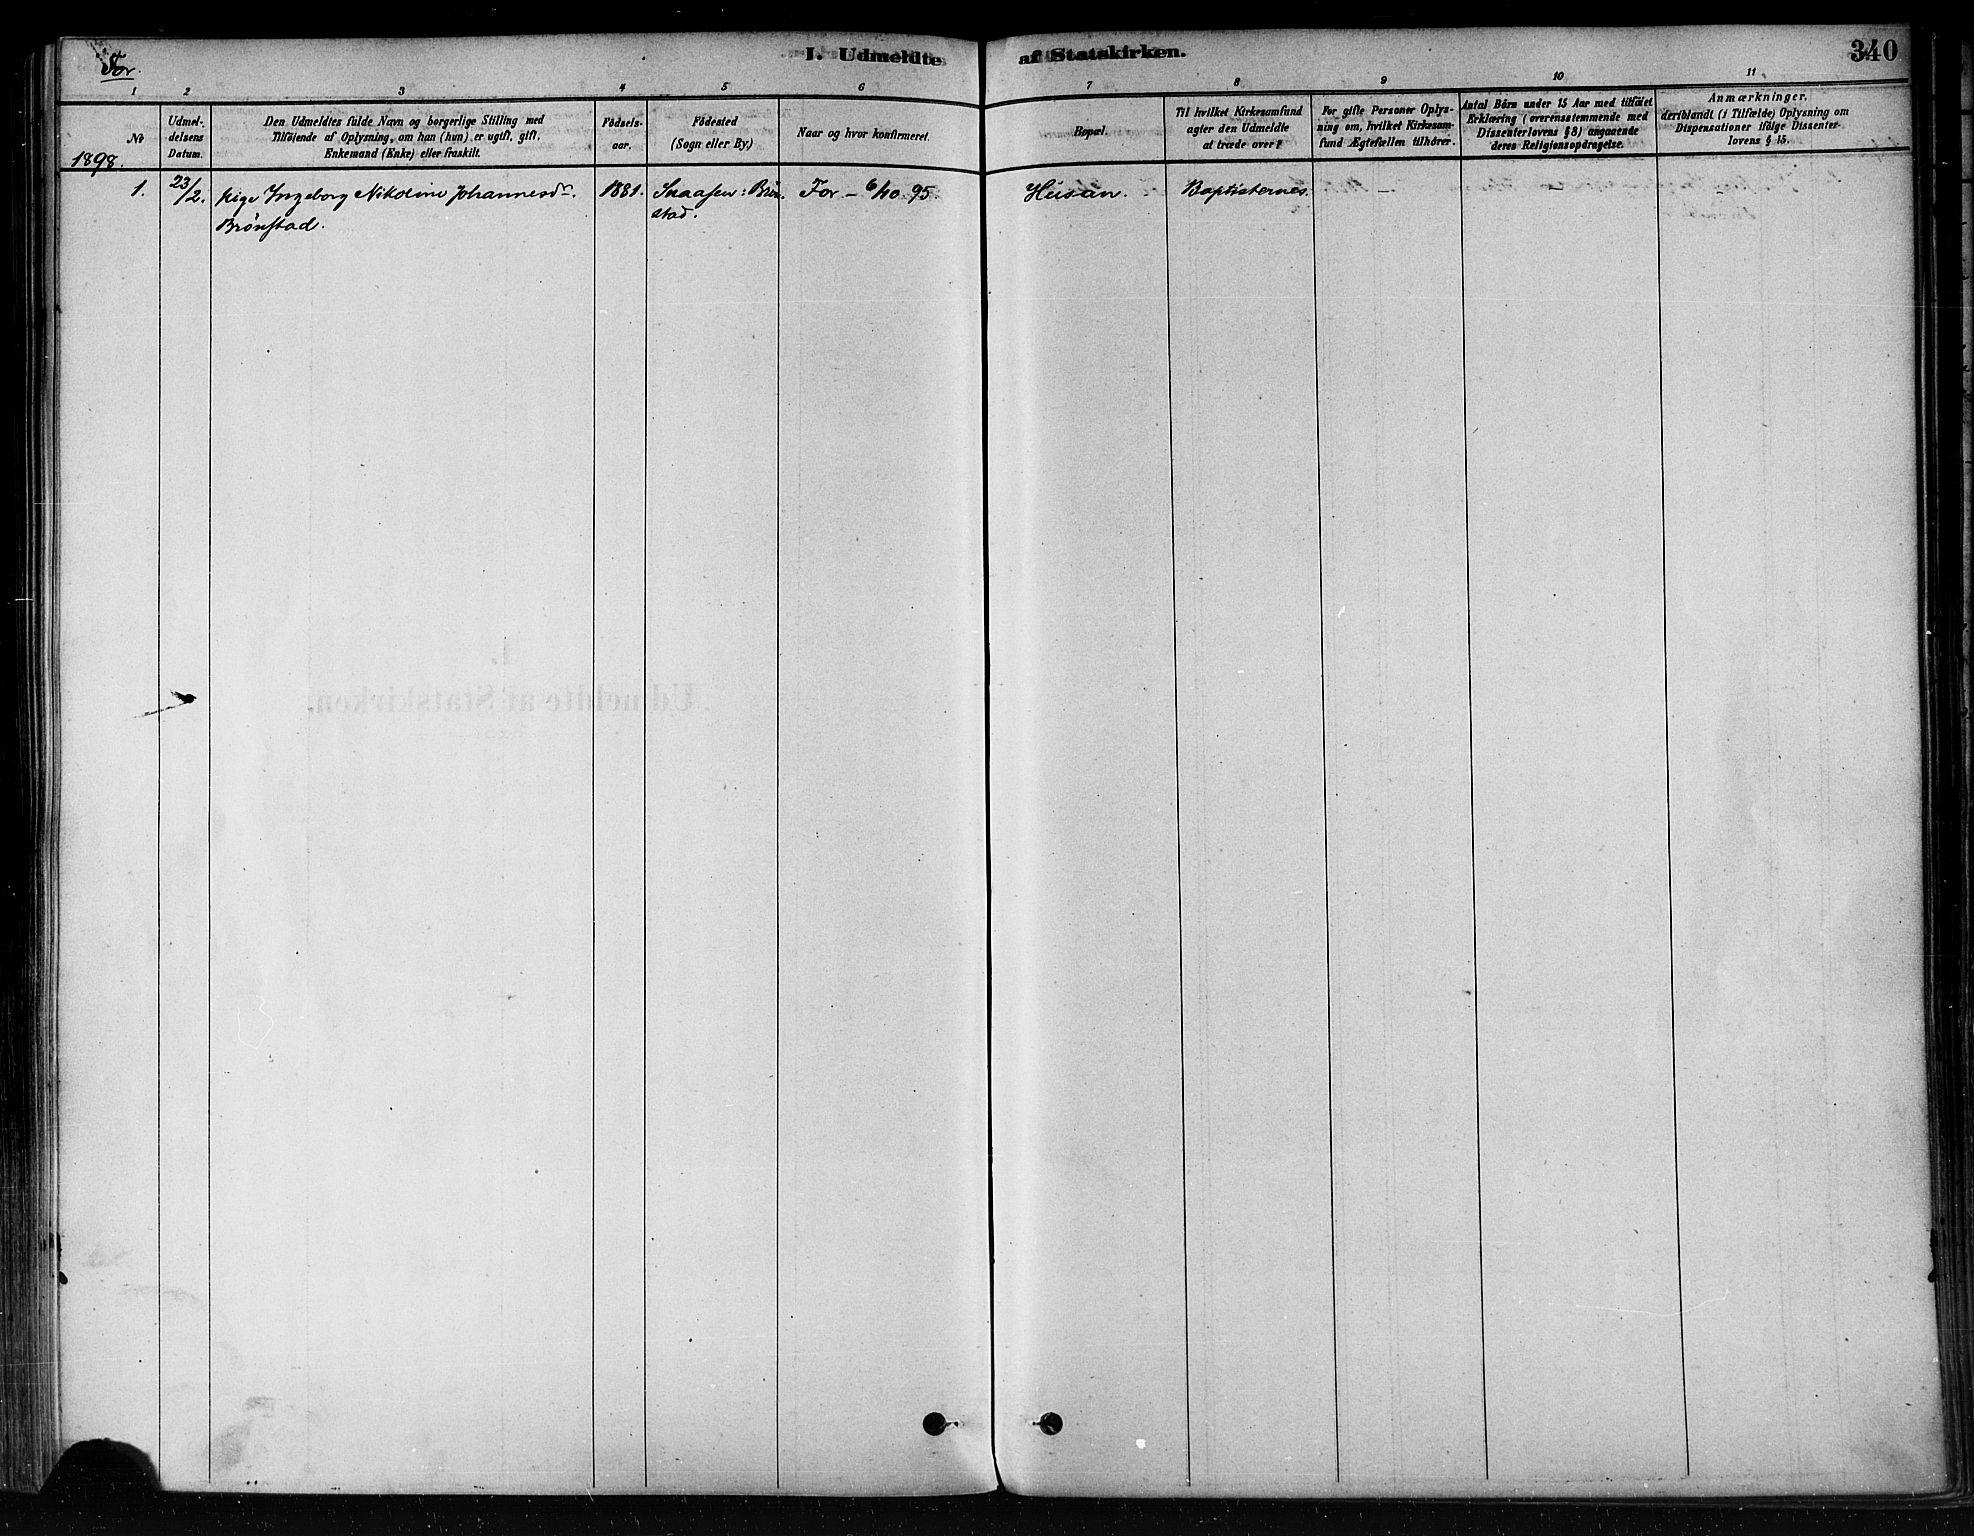 SAT, Ministerialprotokoller, klokkerbøker og fødselsregistre - Nord-Trøndelag, 746/L0448: Ministerialbok nr. 746A07 /1, 1878-1900, s. 340